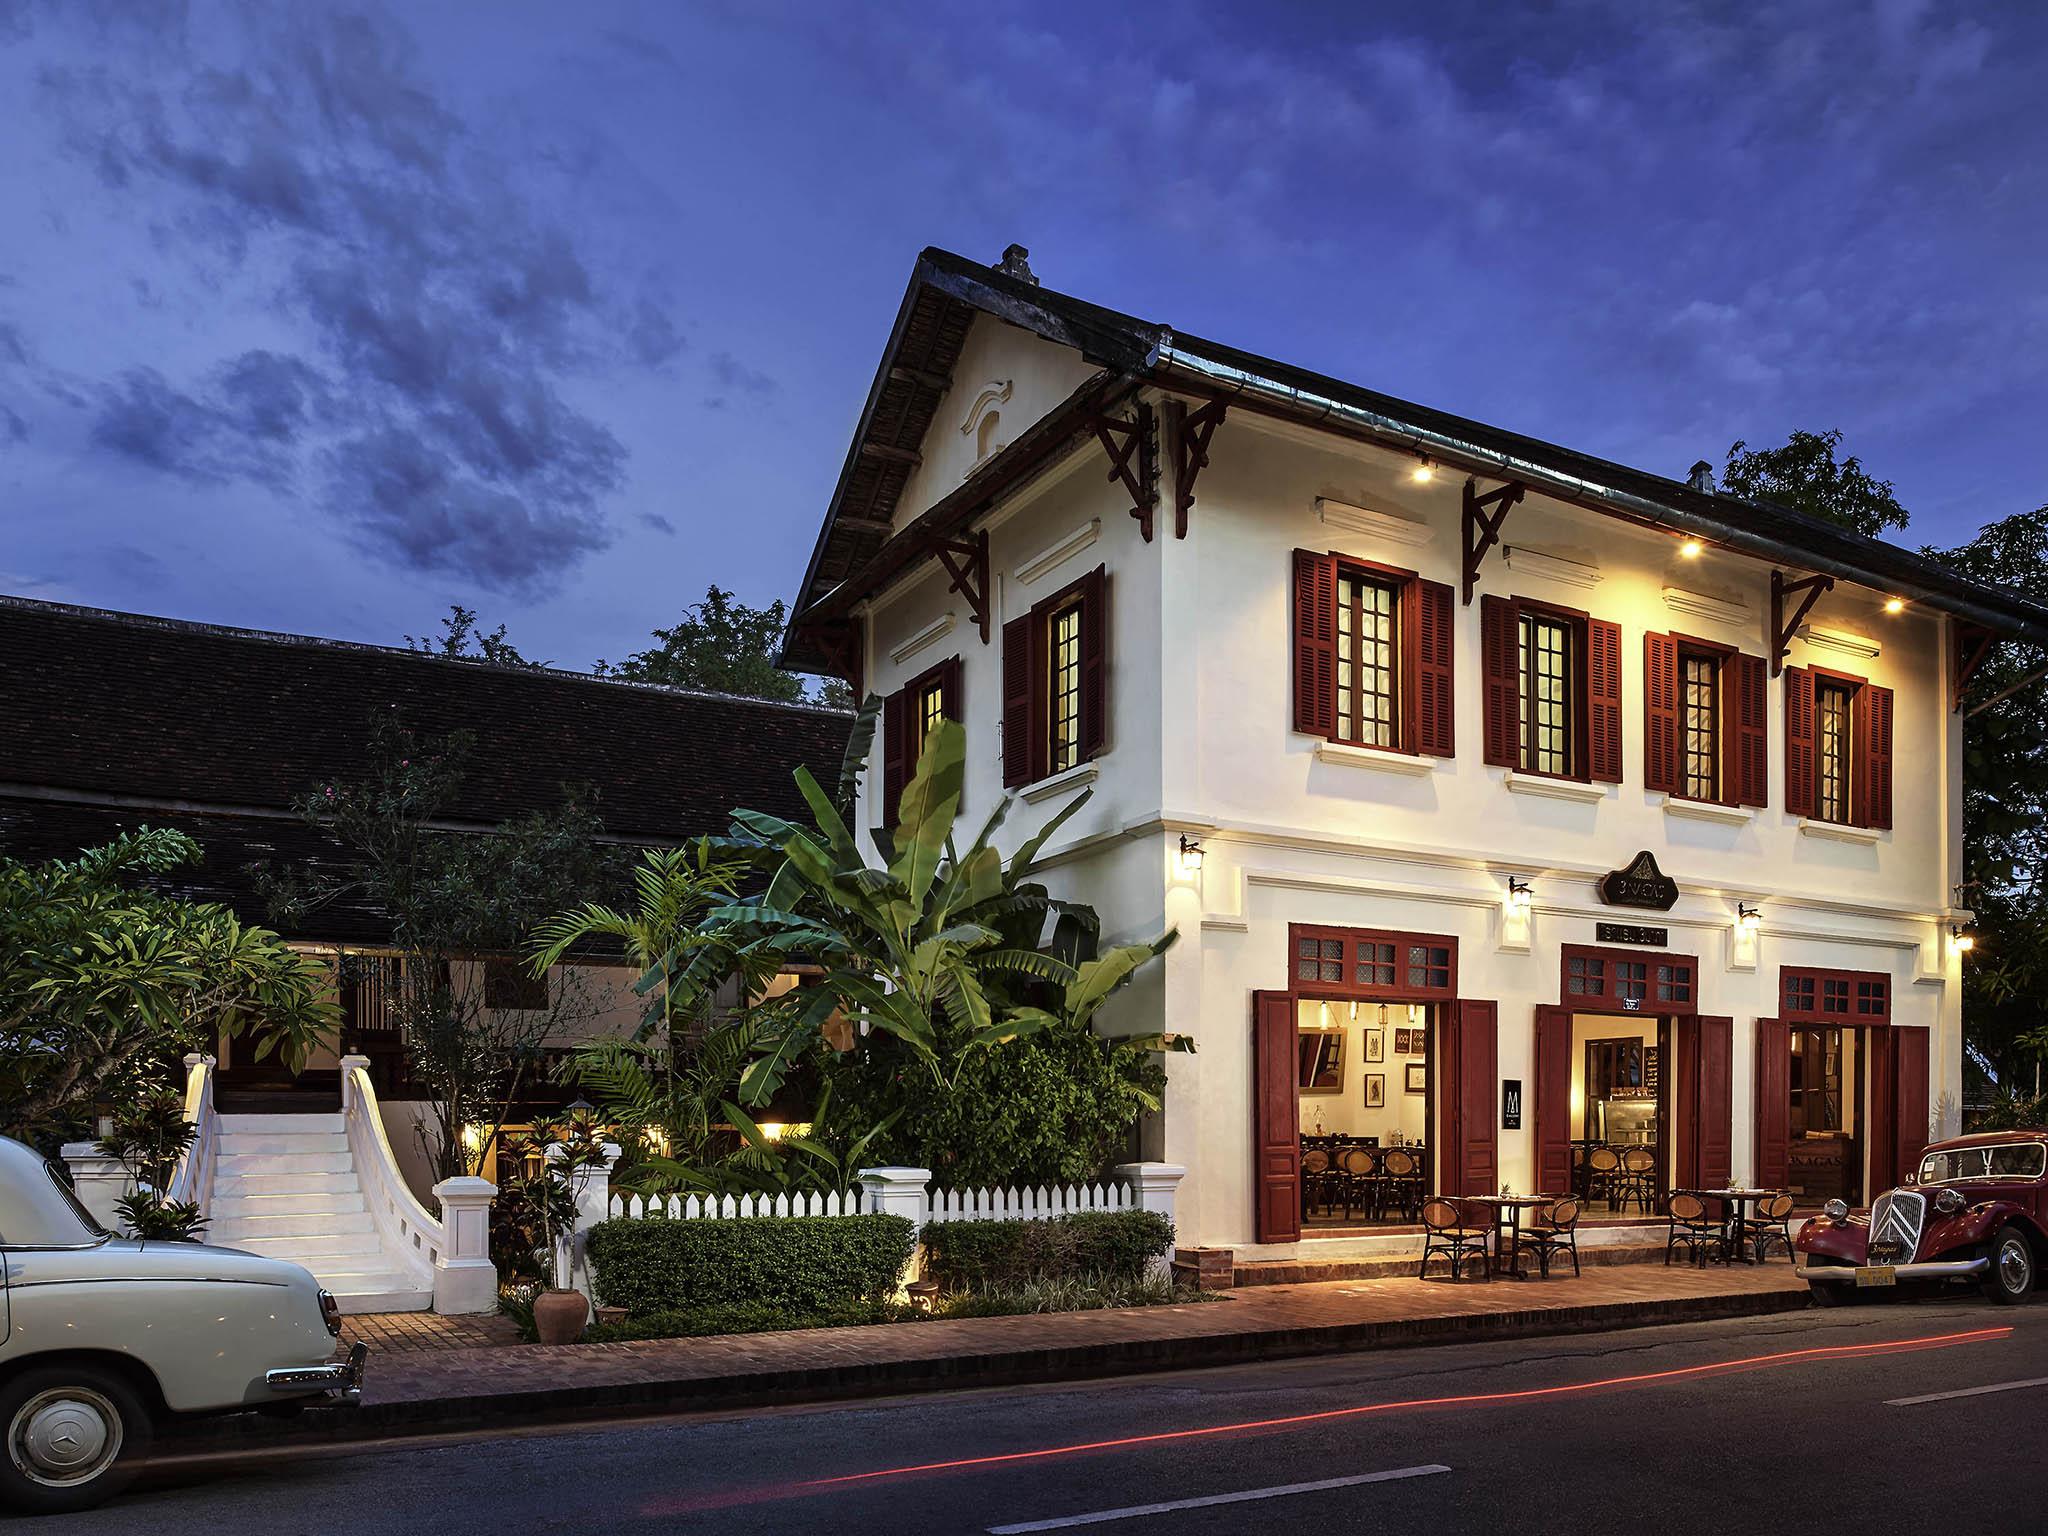 酒店 – 美憬阁索菲特 3 NAGAS 琅勃拉邦酒店